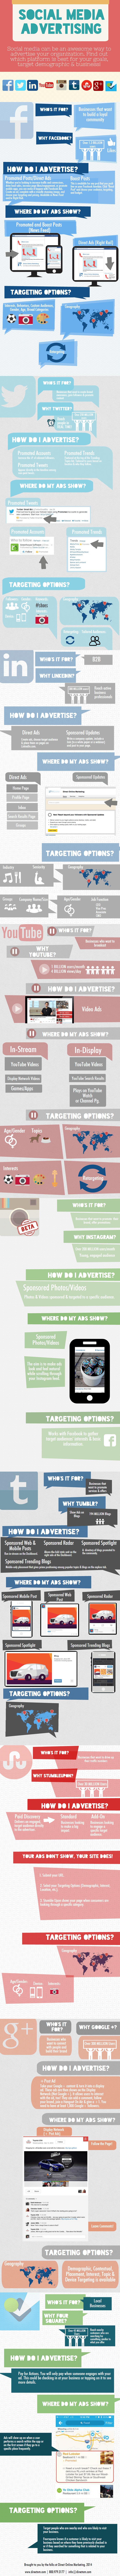 Publicidad en Redes Sociales: ¿cual me conviene?